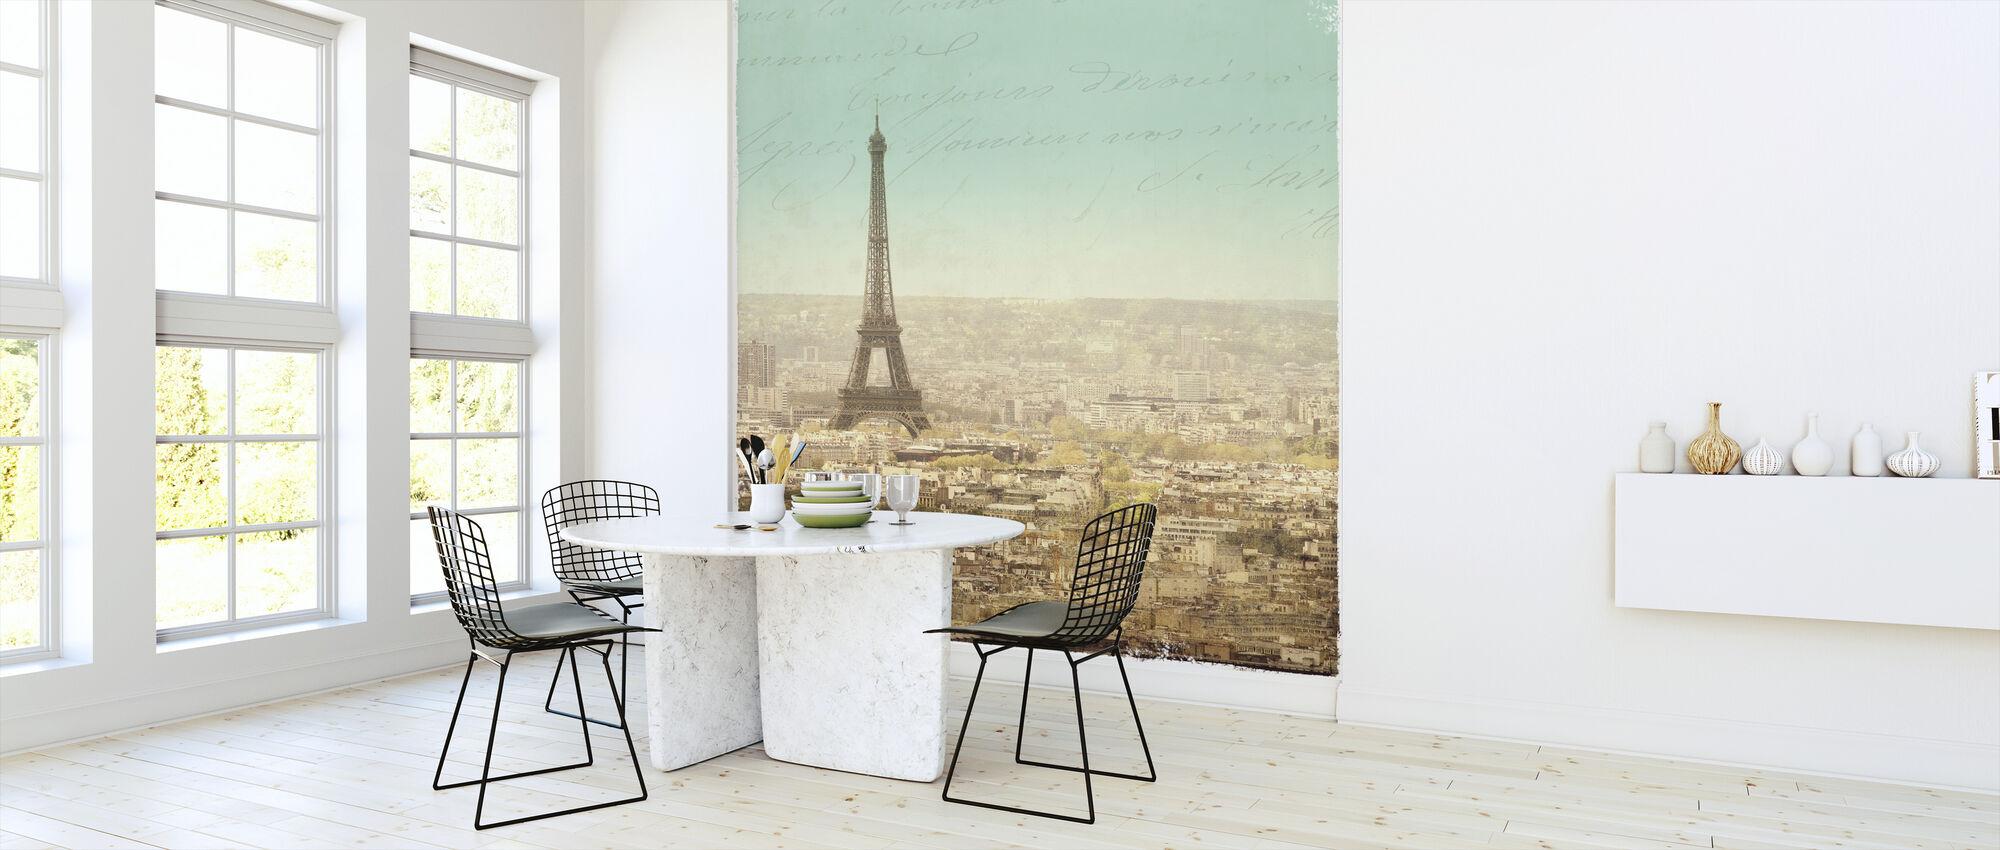 Eiffel Lansdcape Letter Blue 2 - Wallpaper - Kitchen